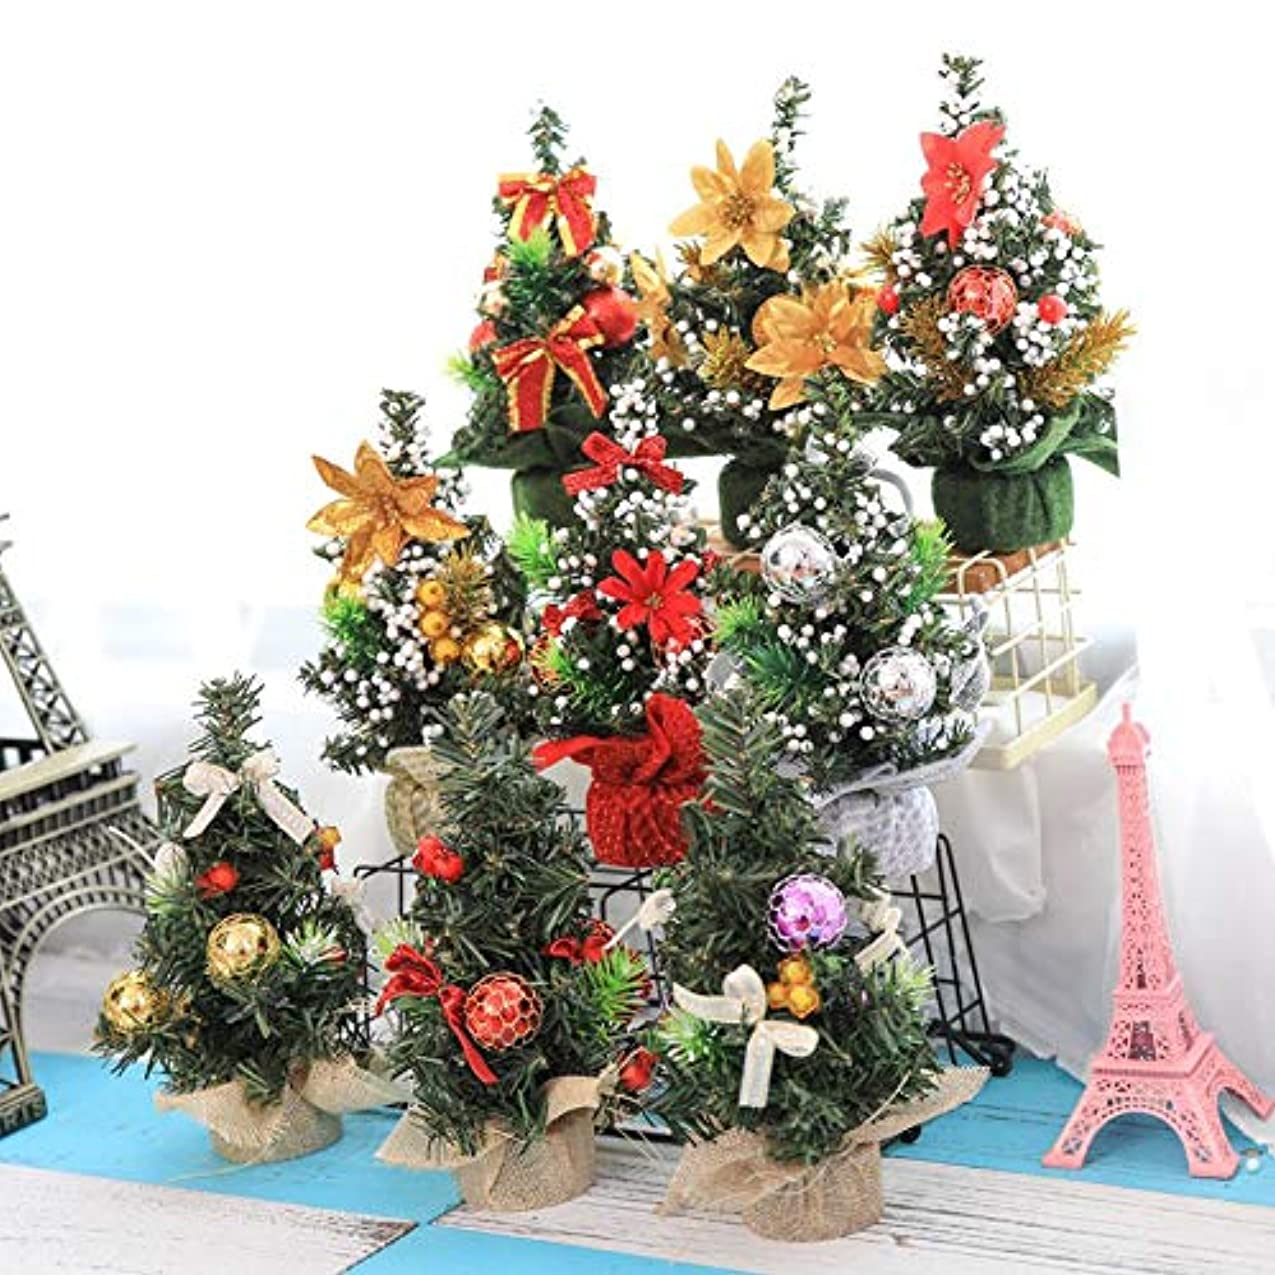 ロックに対応上回るクリエイティブクリスマスツリーテーブルデコレーションホリデーミニ人工木クリスマスデコレーション用品ホーム-ゴールド21センチ